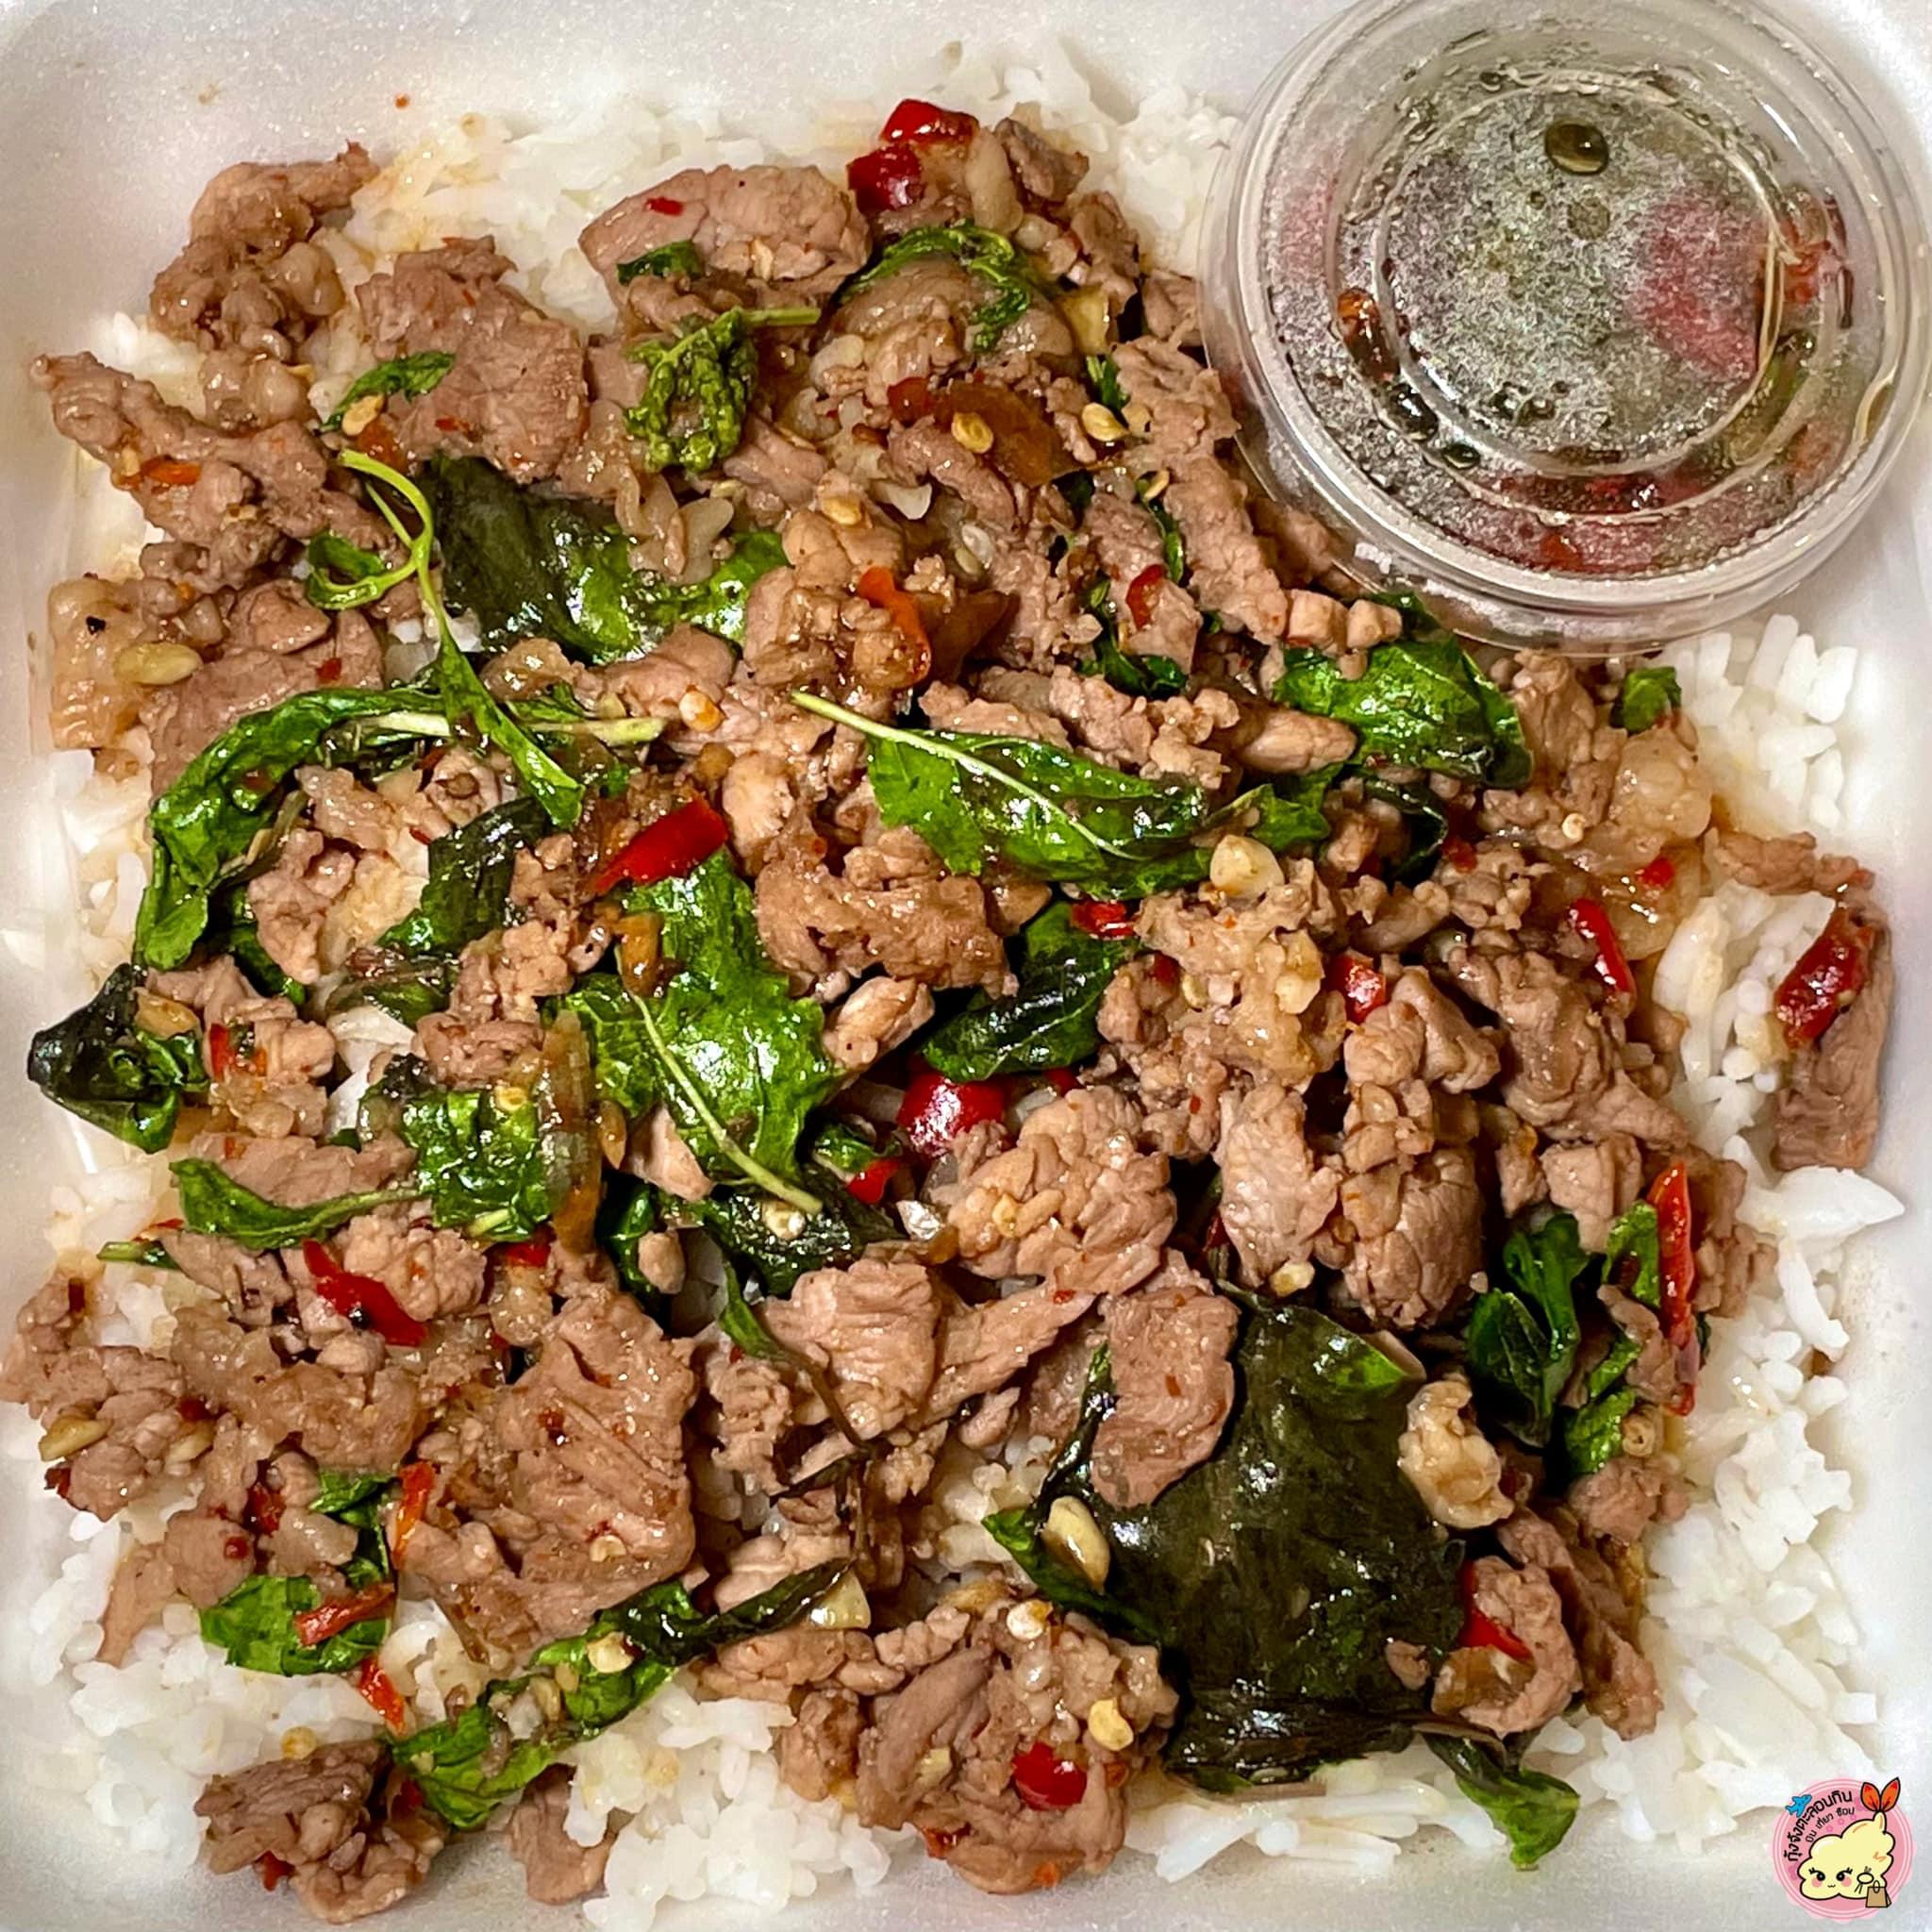 Wat Hua Lamphong Basil Rice With Shrimp